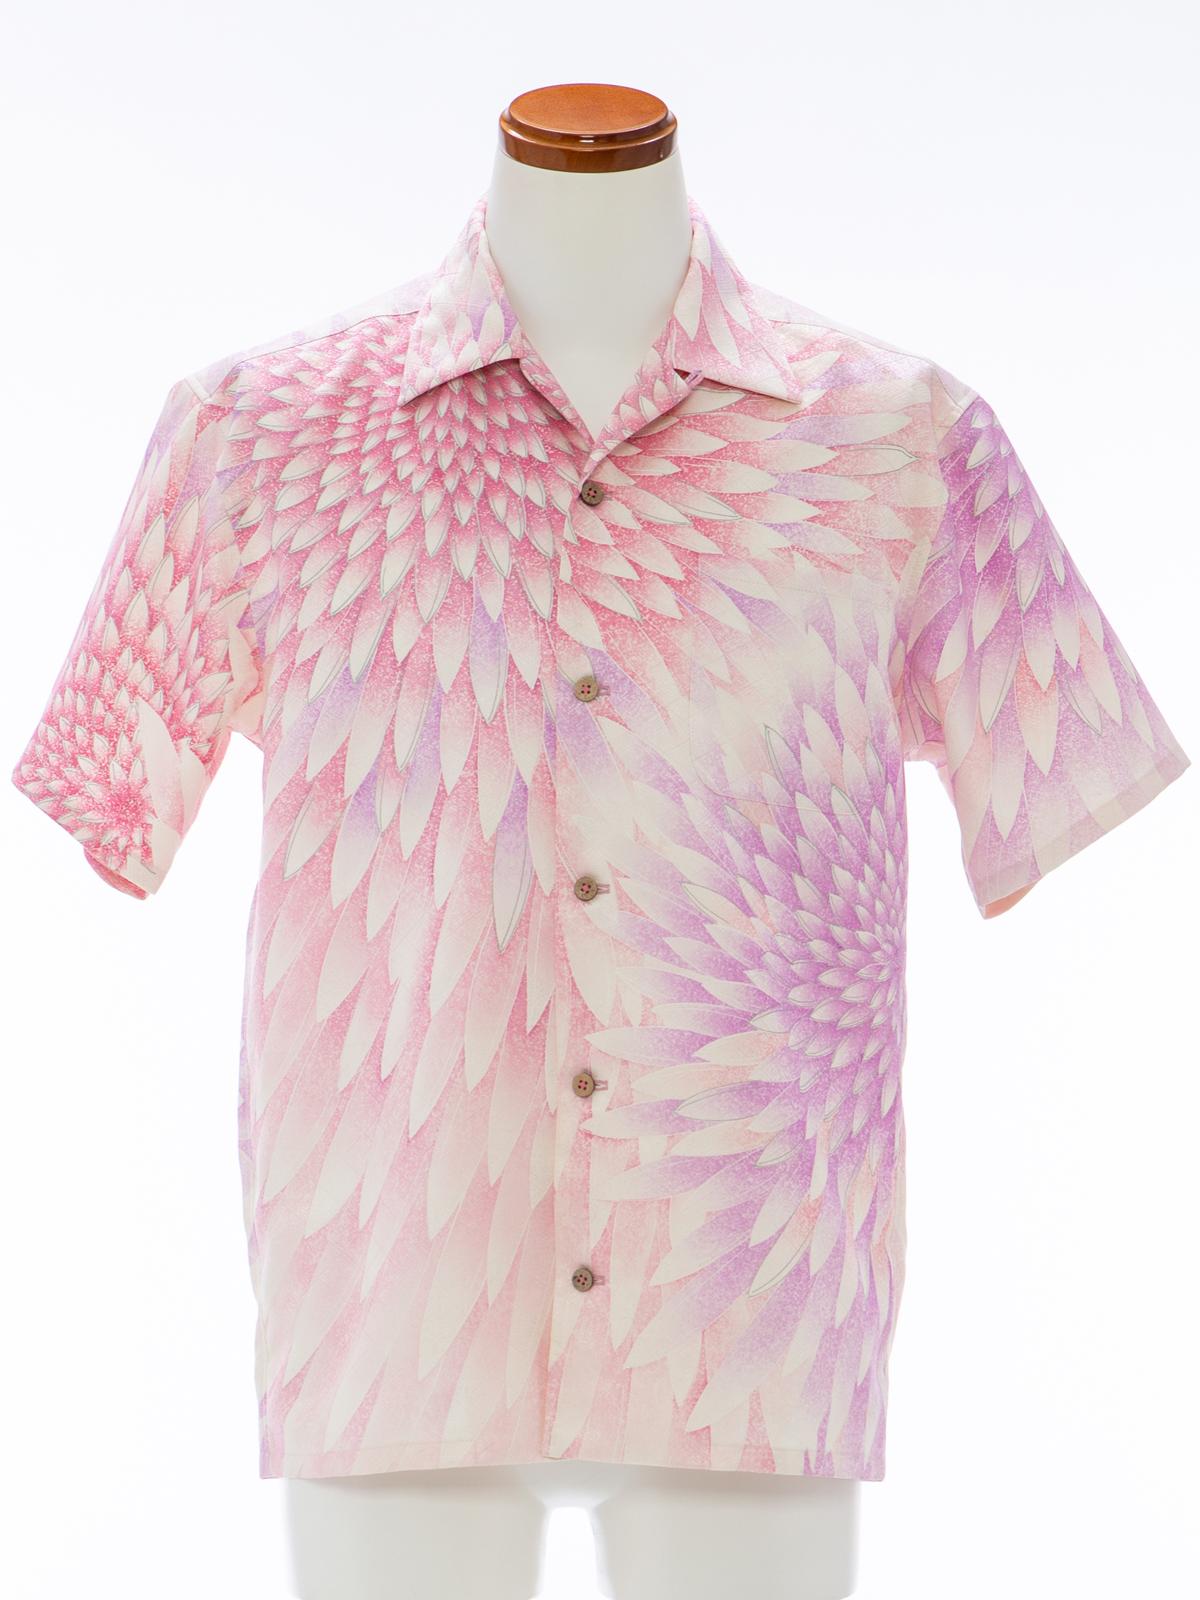 着物アロハシャツ「大輪の花が咲く」AH100085